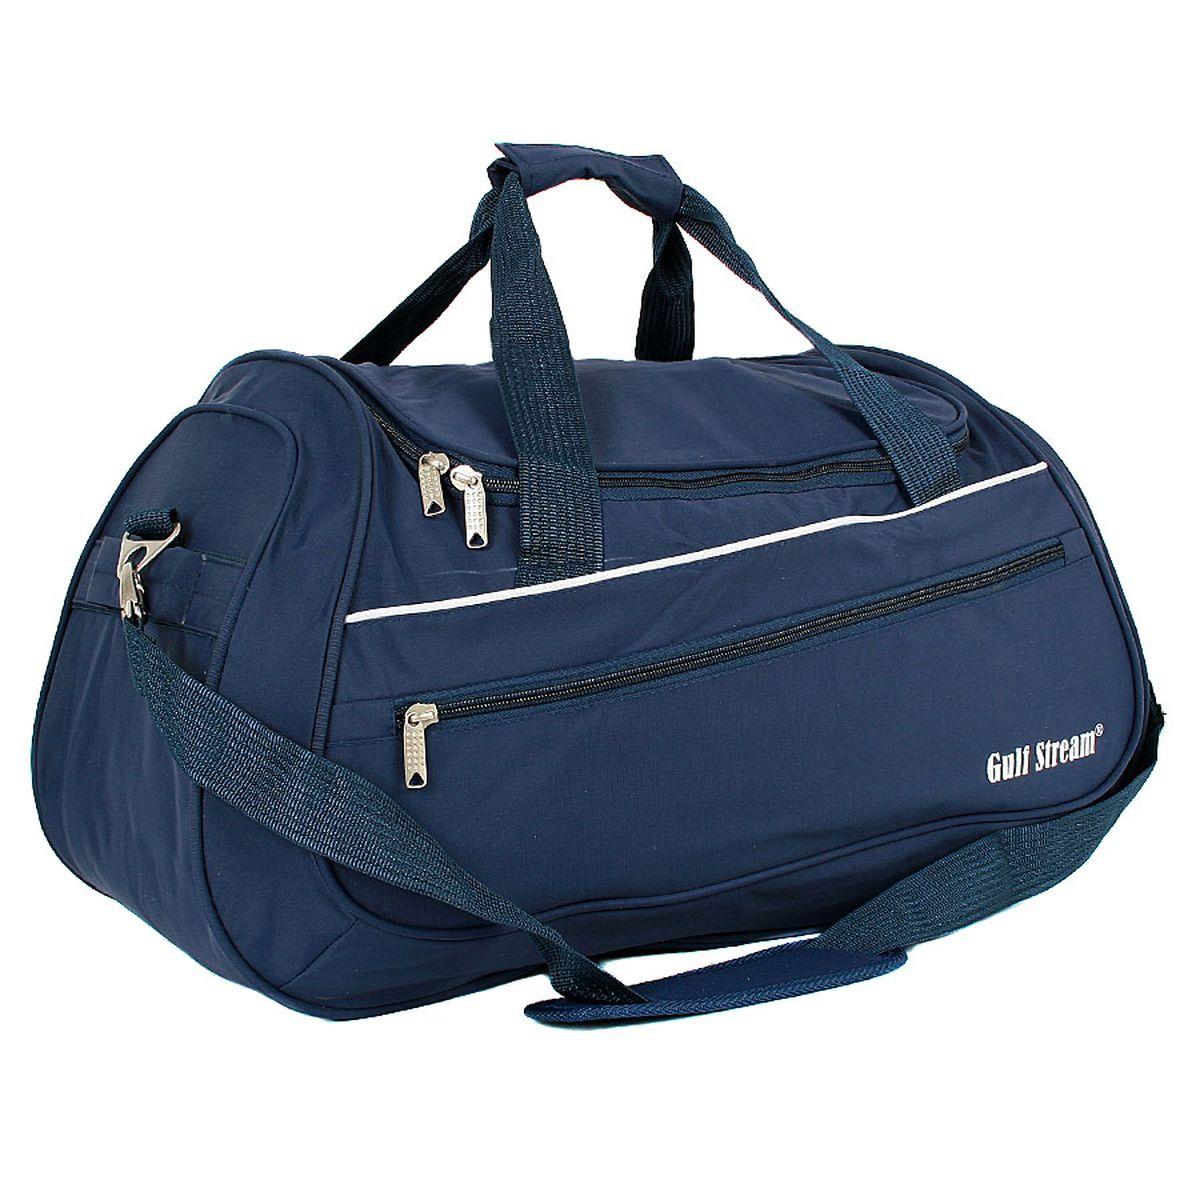 Сумка спортивная Polar, цвет: темно-синий, 46,5 л. 5986 сумка спортивная polar цвет синий оранжевый 30 5 л 6007